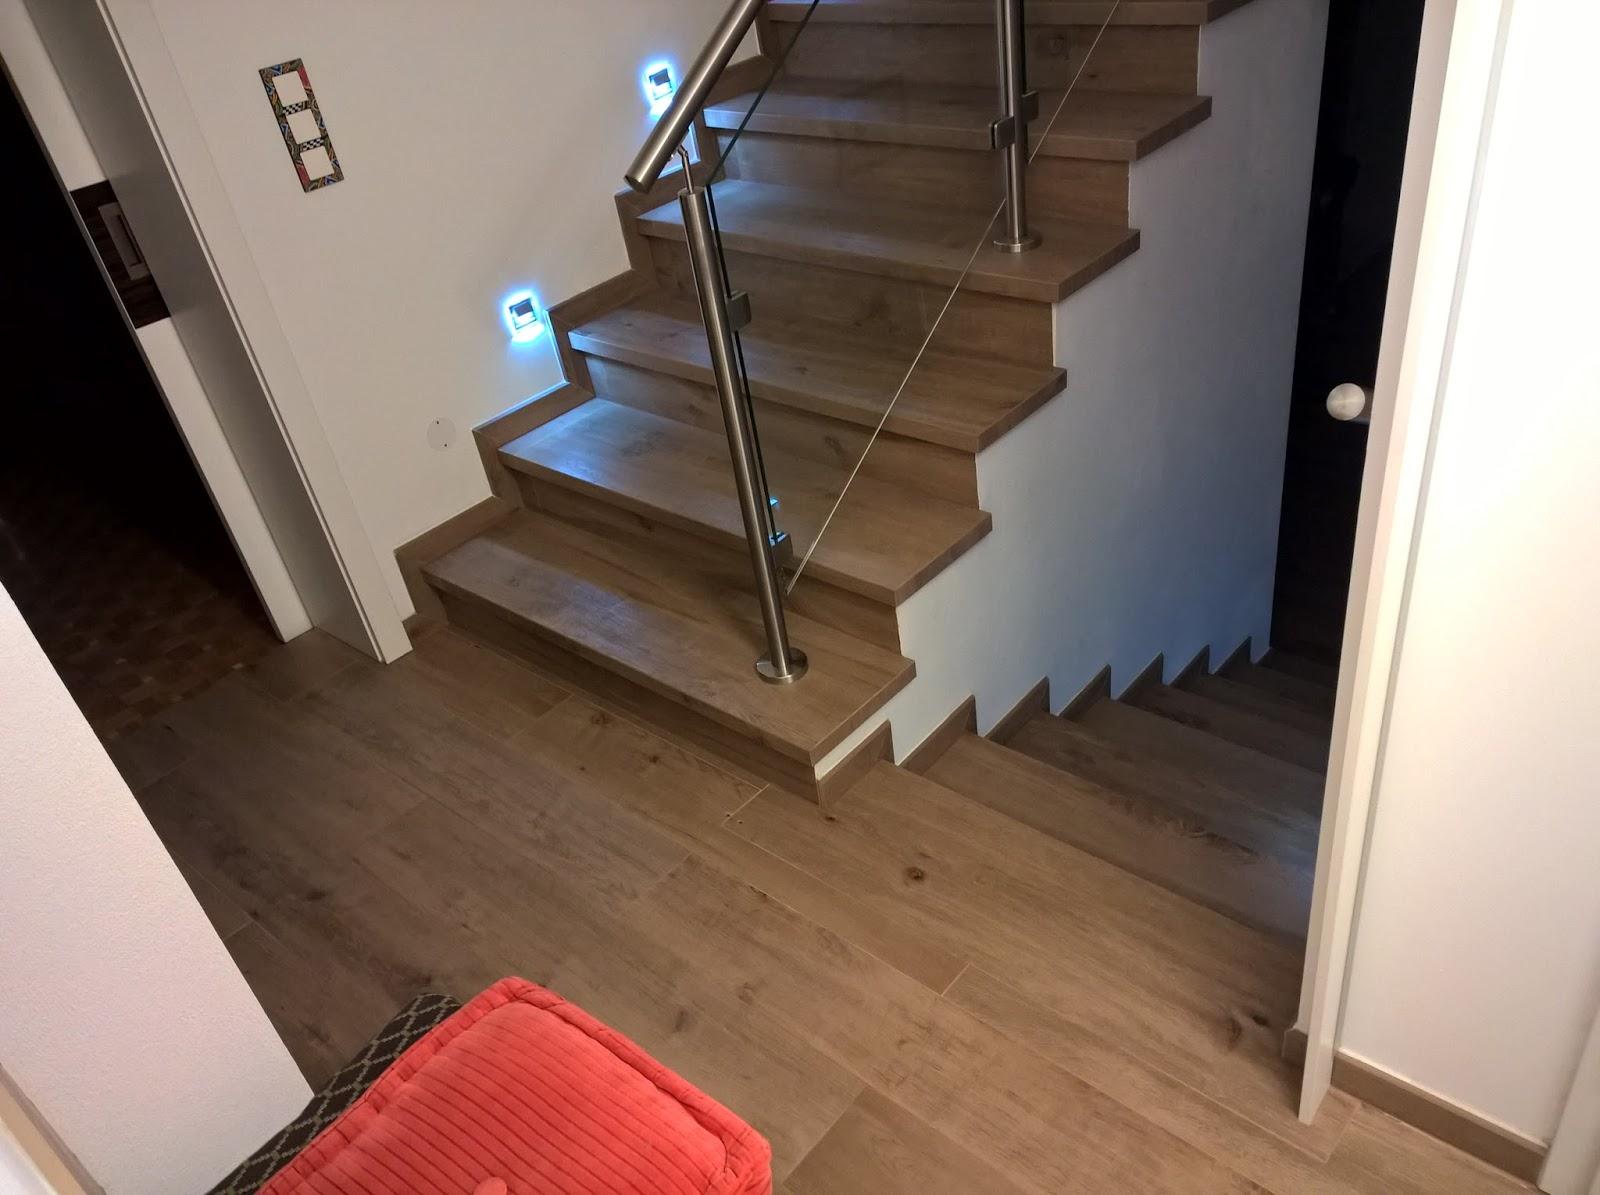 Holz und Metall - Ein Heimwerkerblog: Treppenschutzgitter - Teil 1 ...